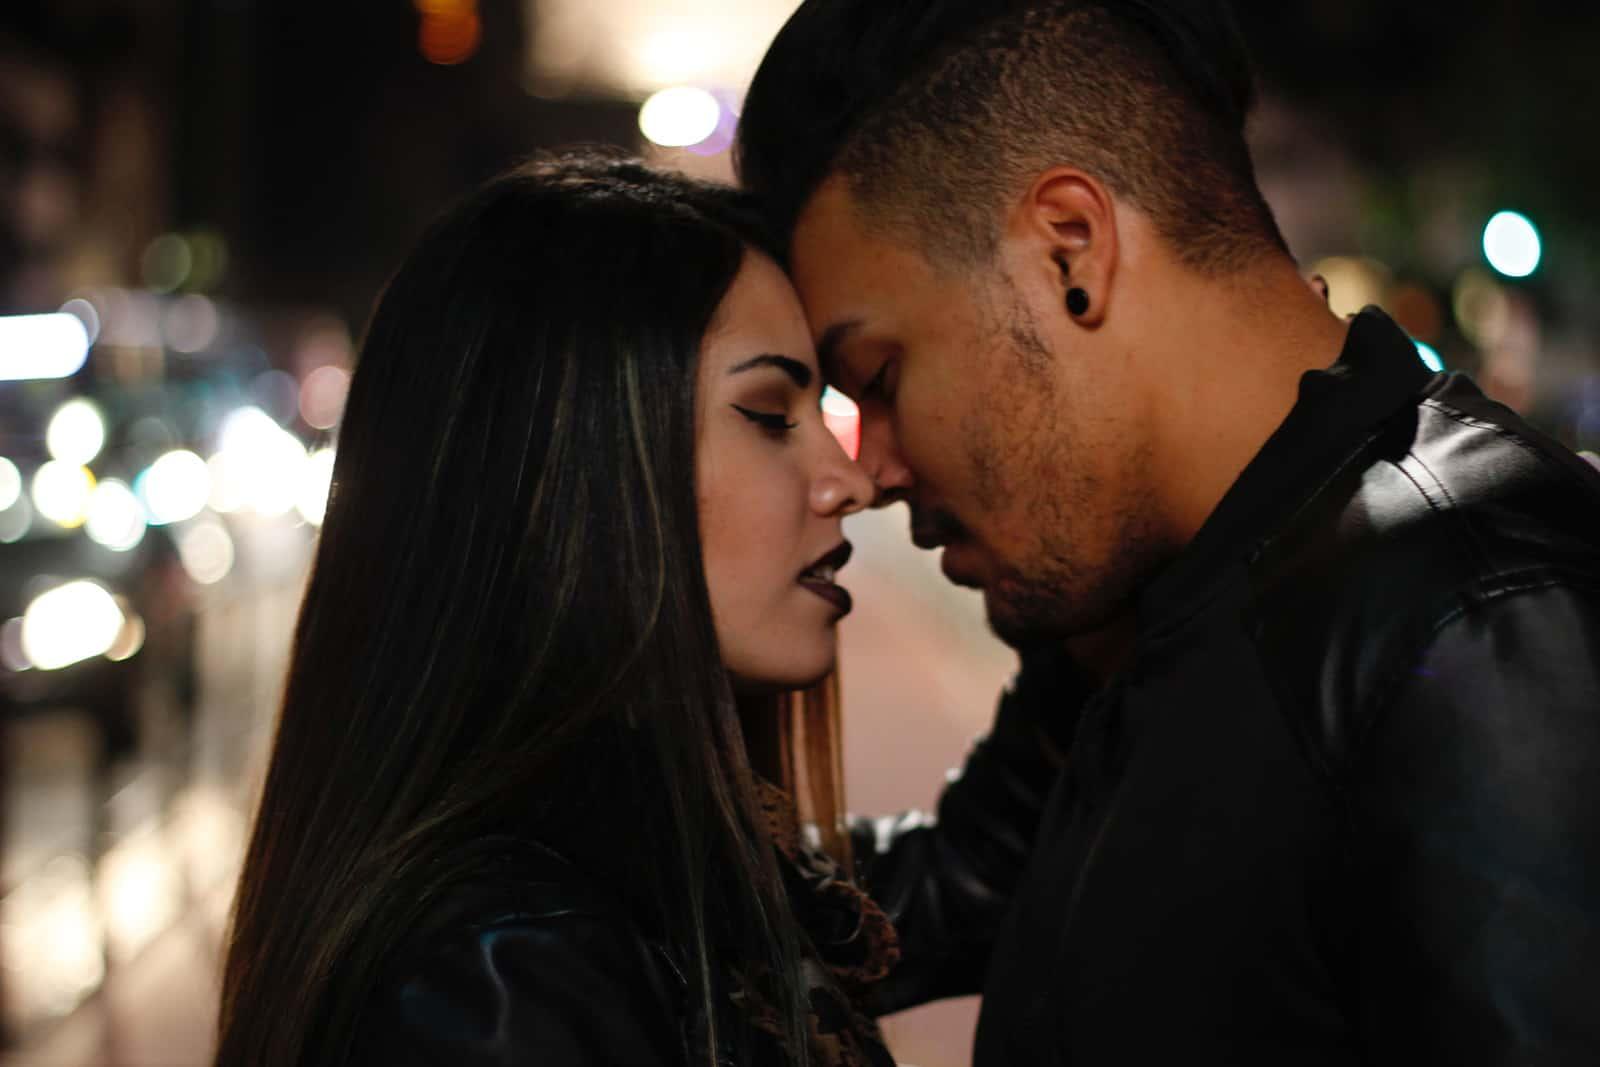 Ein Mann und eine Frau, die sich küssen wollen, stehen auf einer Straße